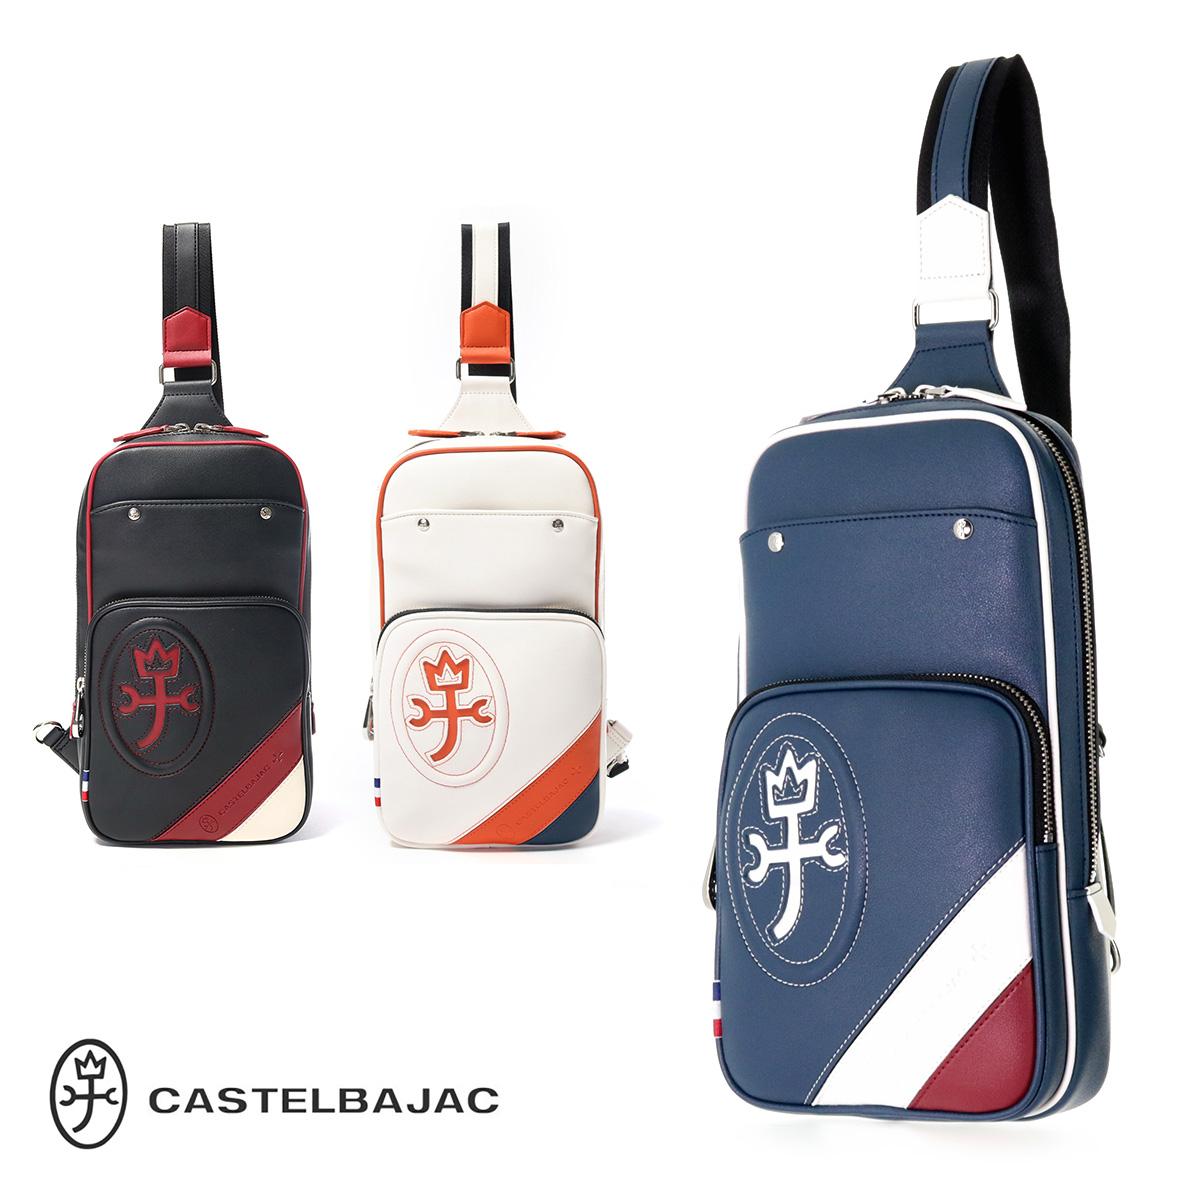 カステルバジャック ボディバッグ メンズ ユゴー 047911 CASTELBAJAC ワンショルダーバッグ